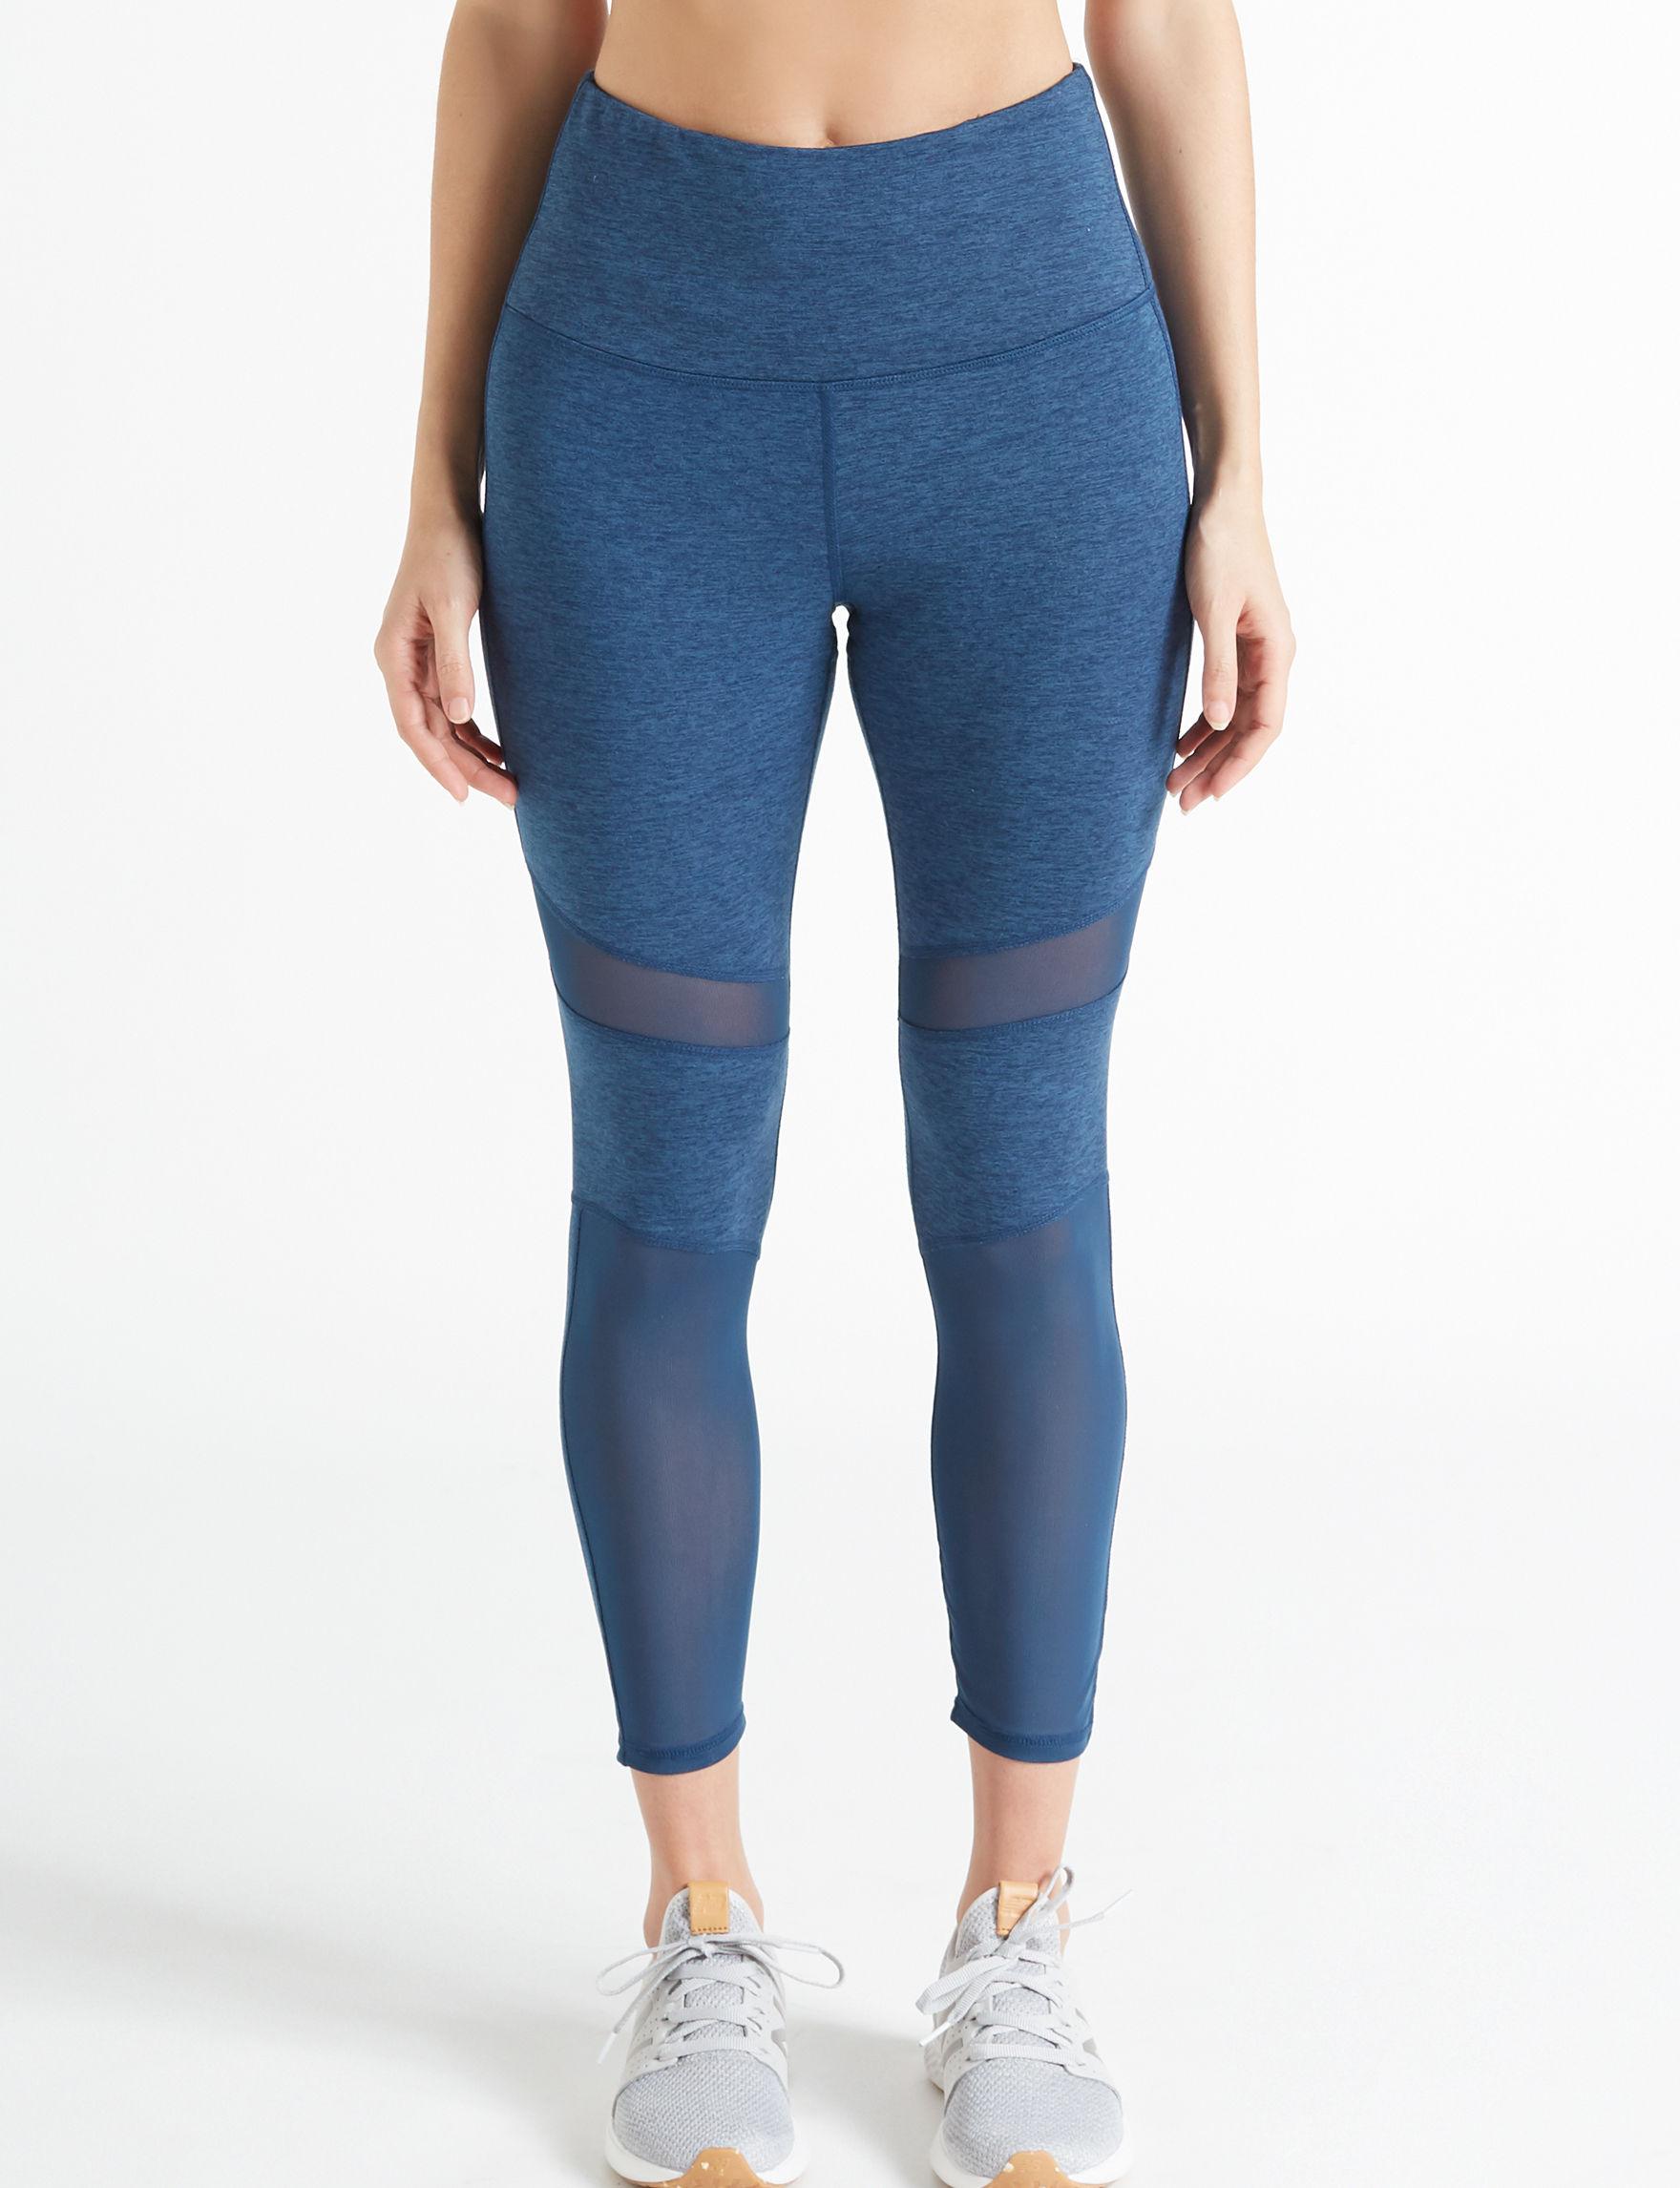 Gaiam Blue Leggings